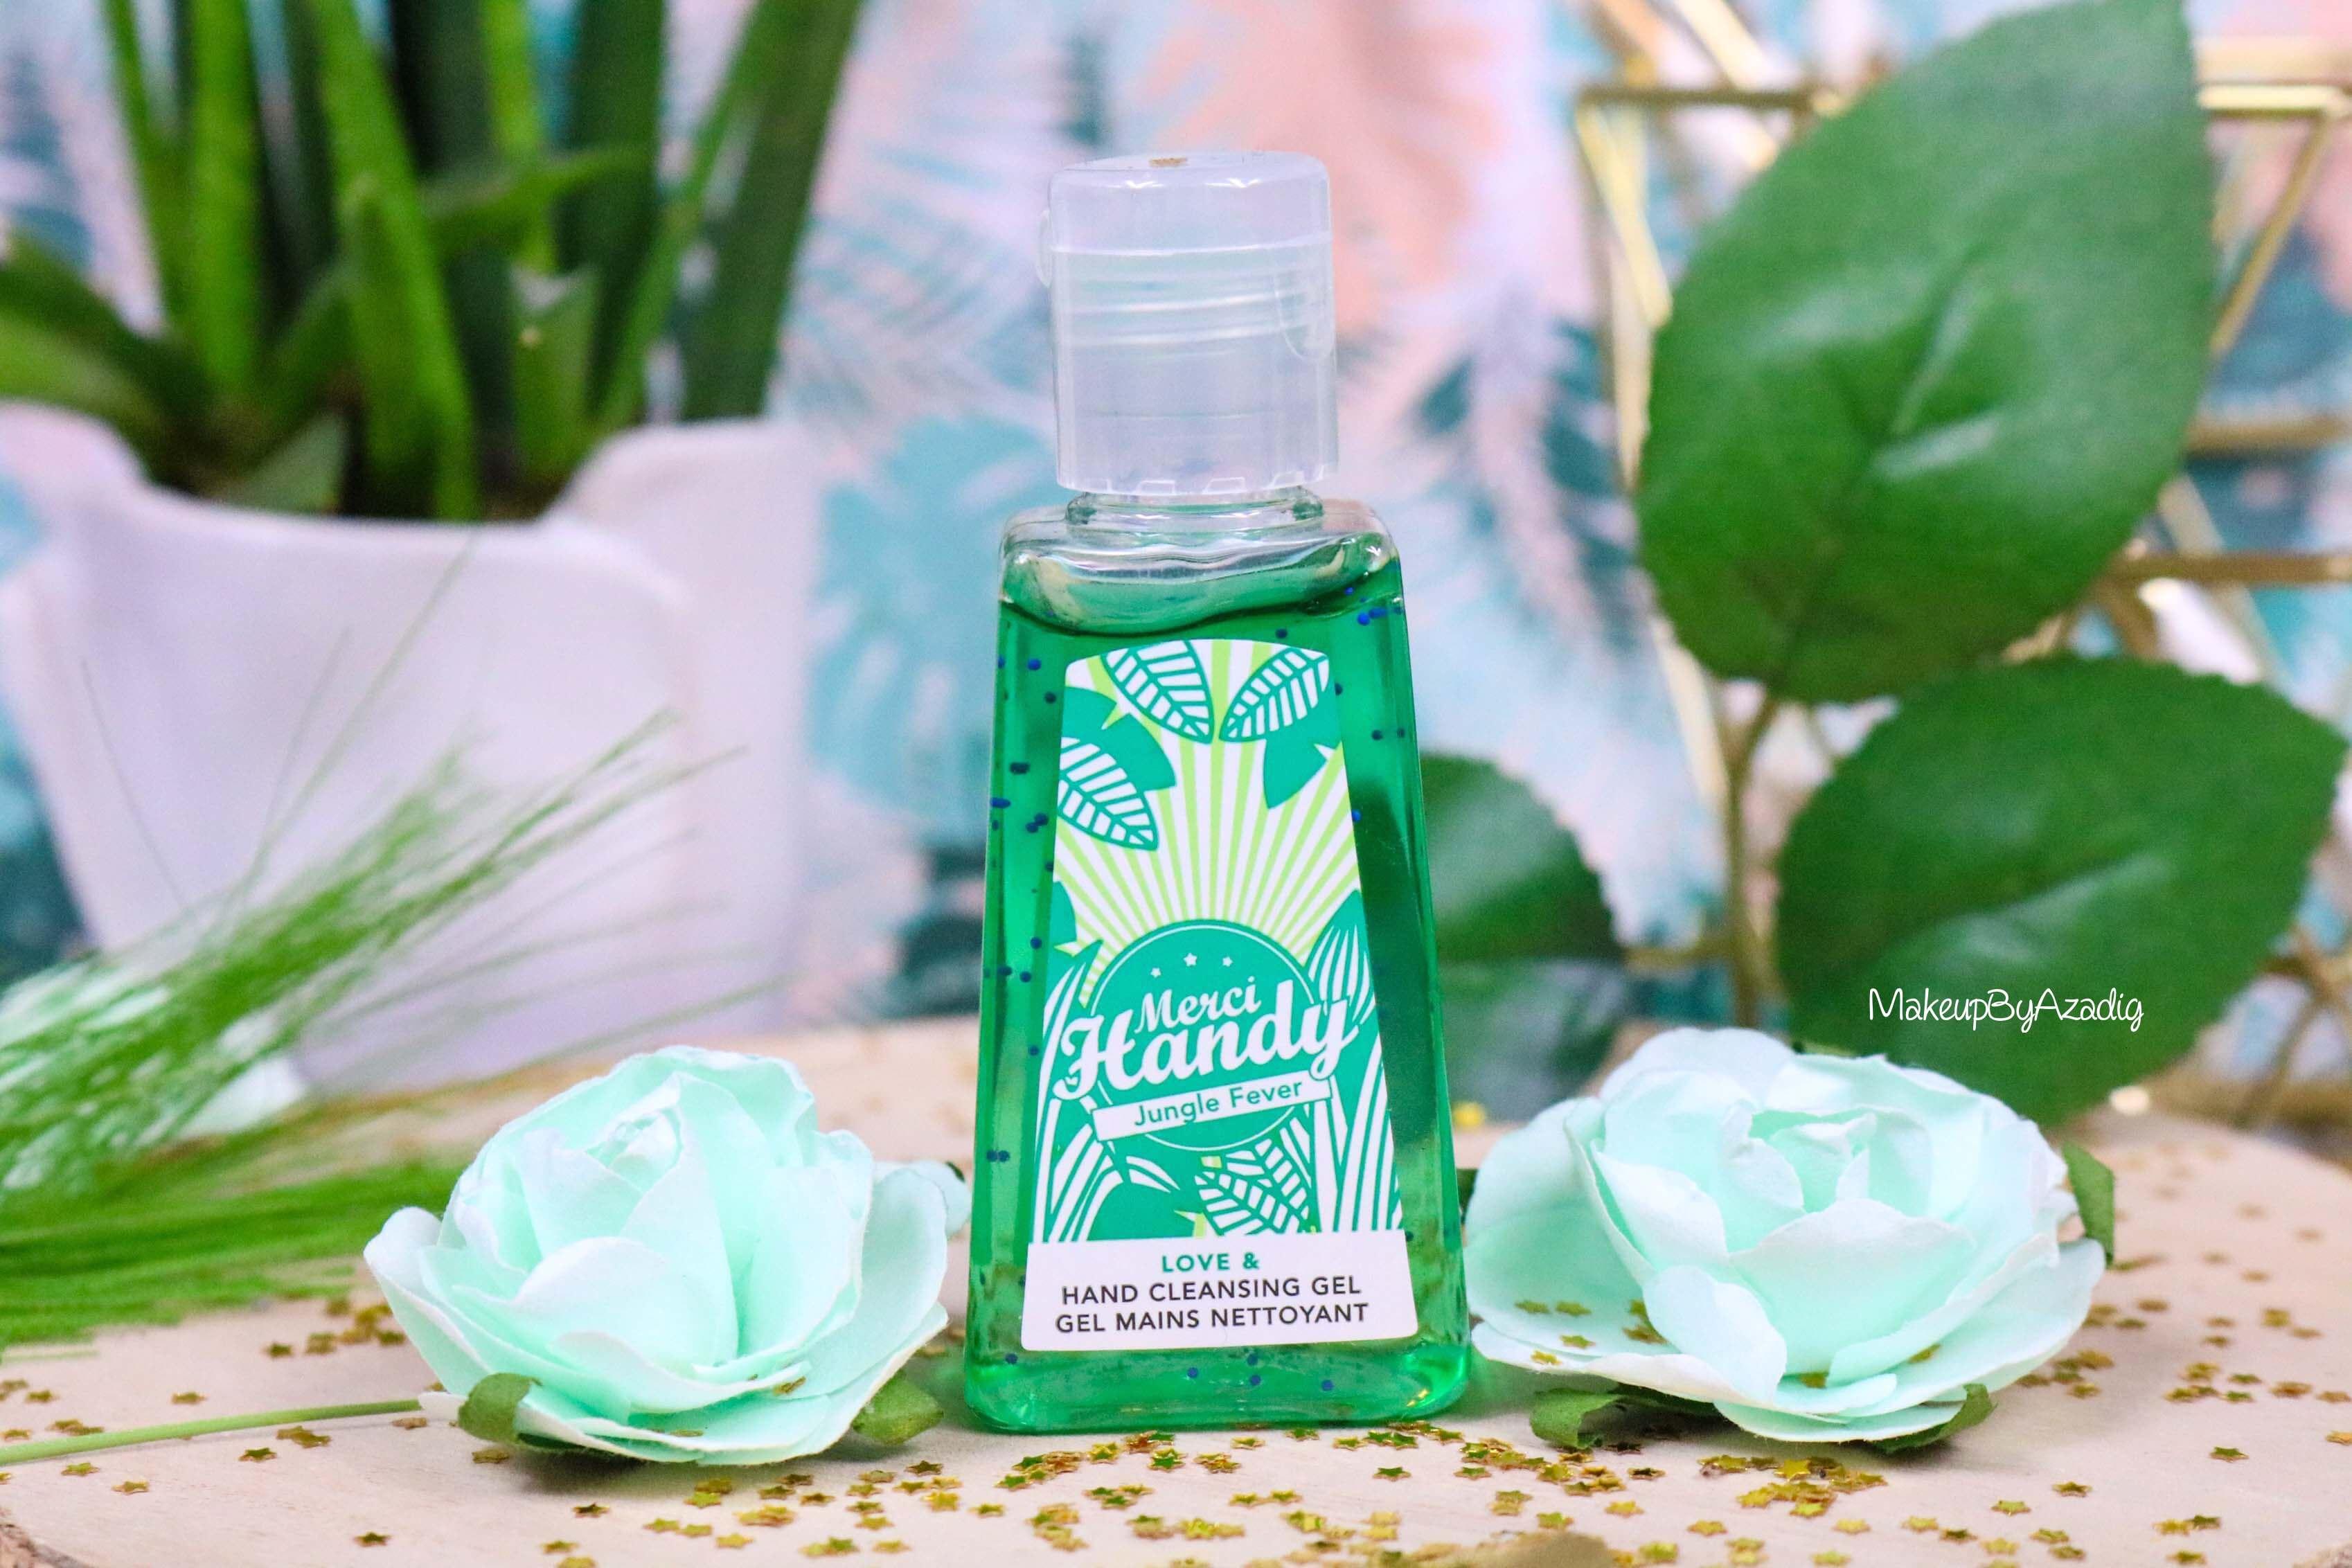 revue-merci-handy-jungle-fever-makeupbyazadig-nouvelle-senteur-gel-antibacteriens-creme-mains-bougie-sephora-avis-prix-collector